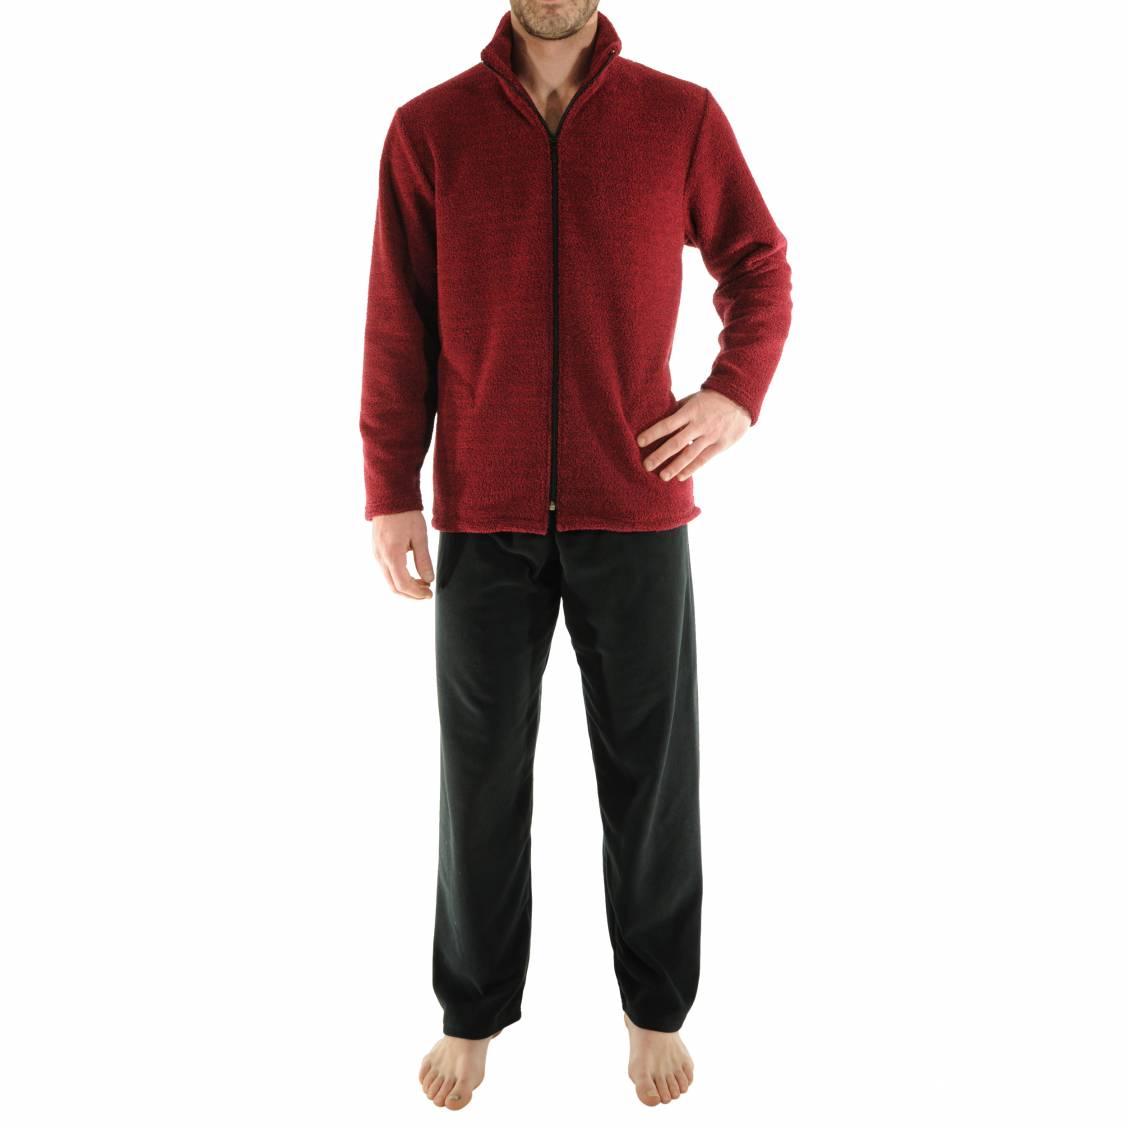 Pyjama chaud vente en ligne de pyjamas d 39 hiver homme for Tenue interieur homme